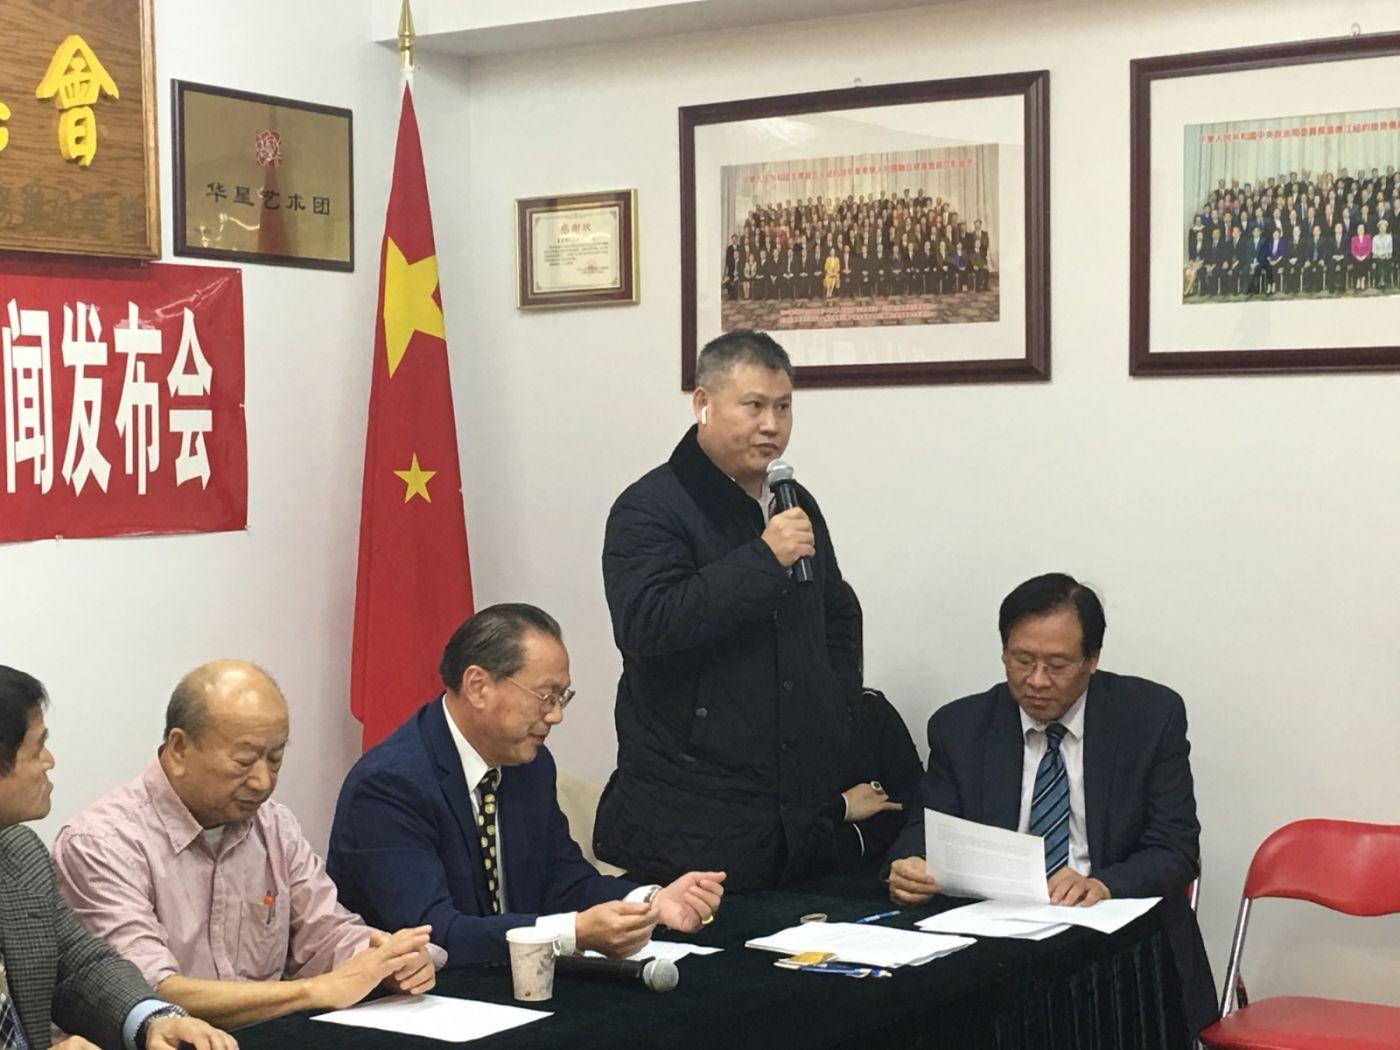 美東各界華僑華人致特朗普總統公開信新聞發佈會_图1-14